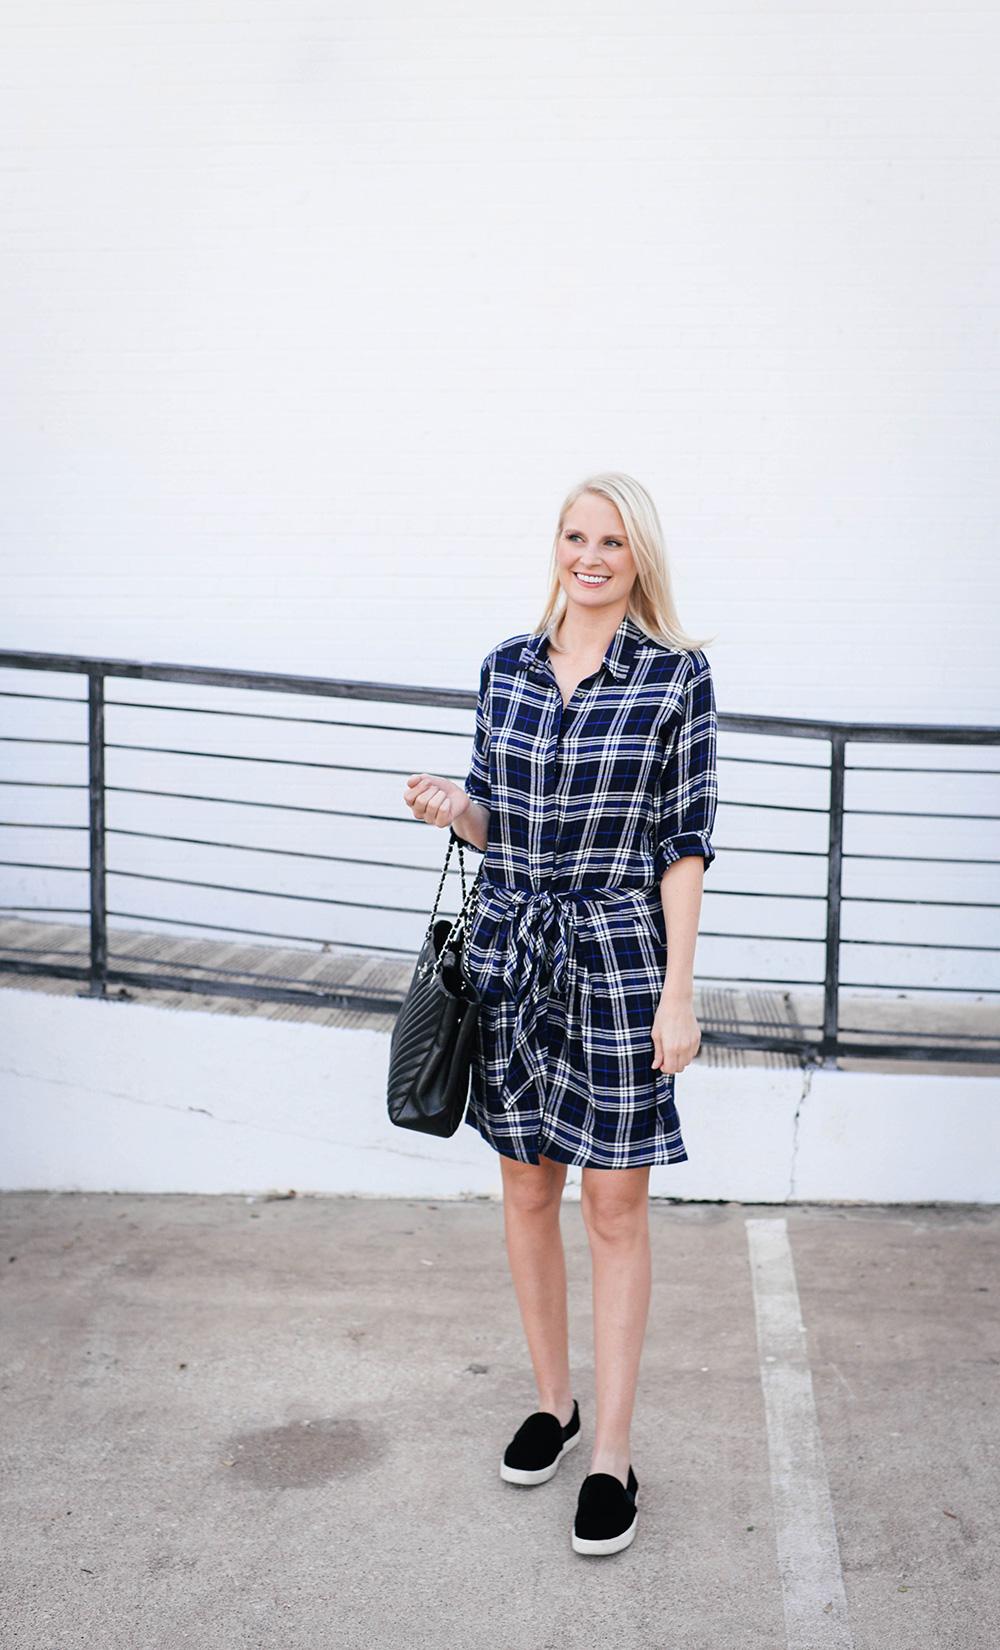 Heartloom Kasey Dress in Plaid   Merritt Beck